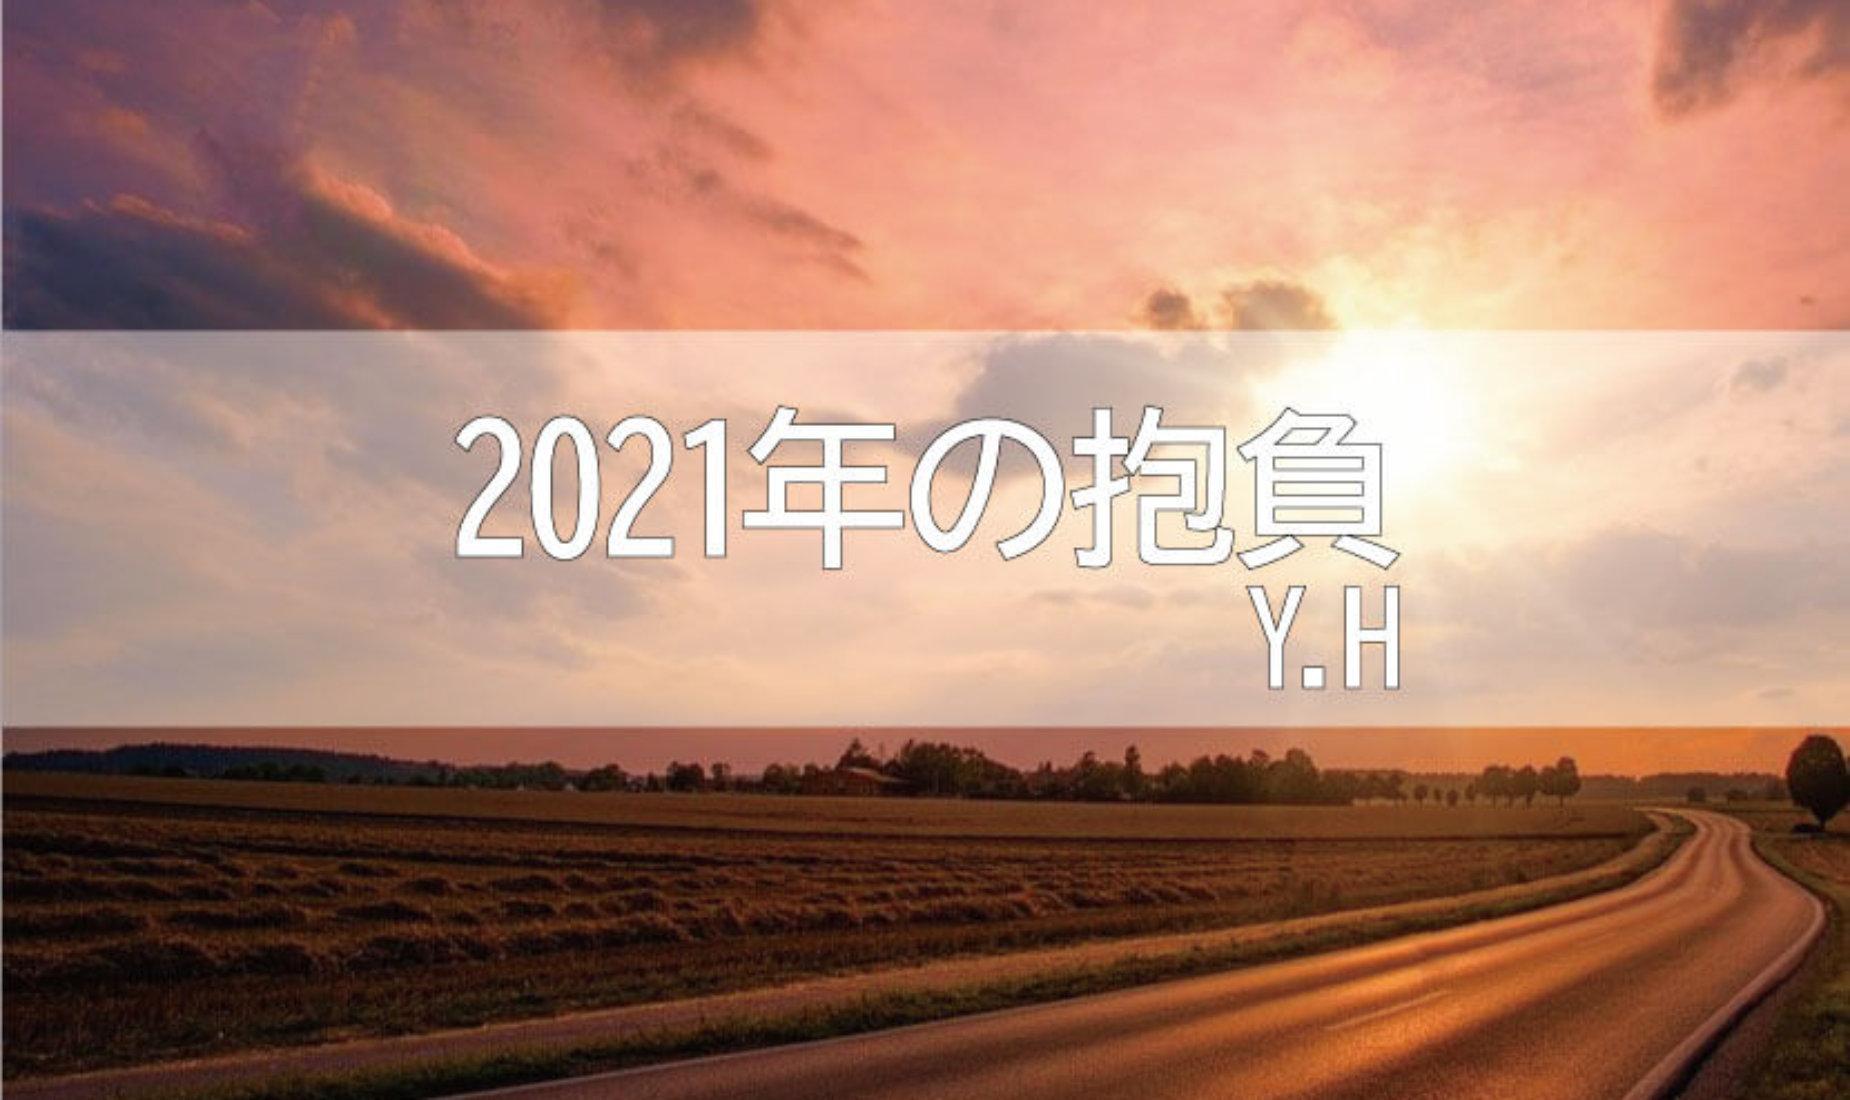 2021年の抱負 Y.H